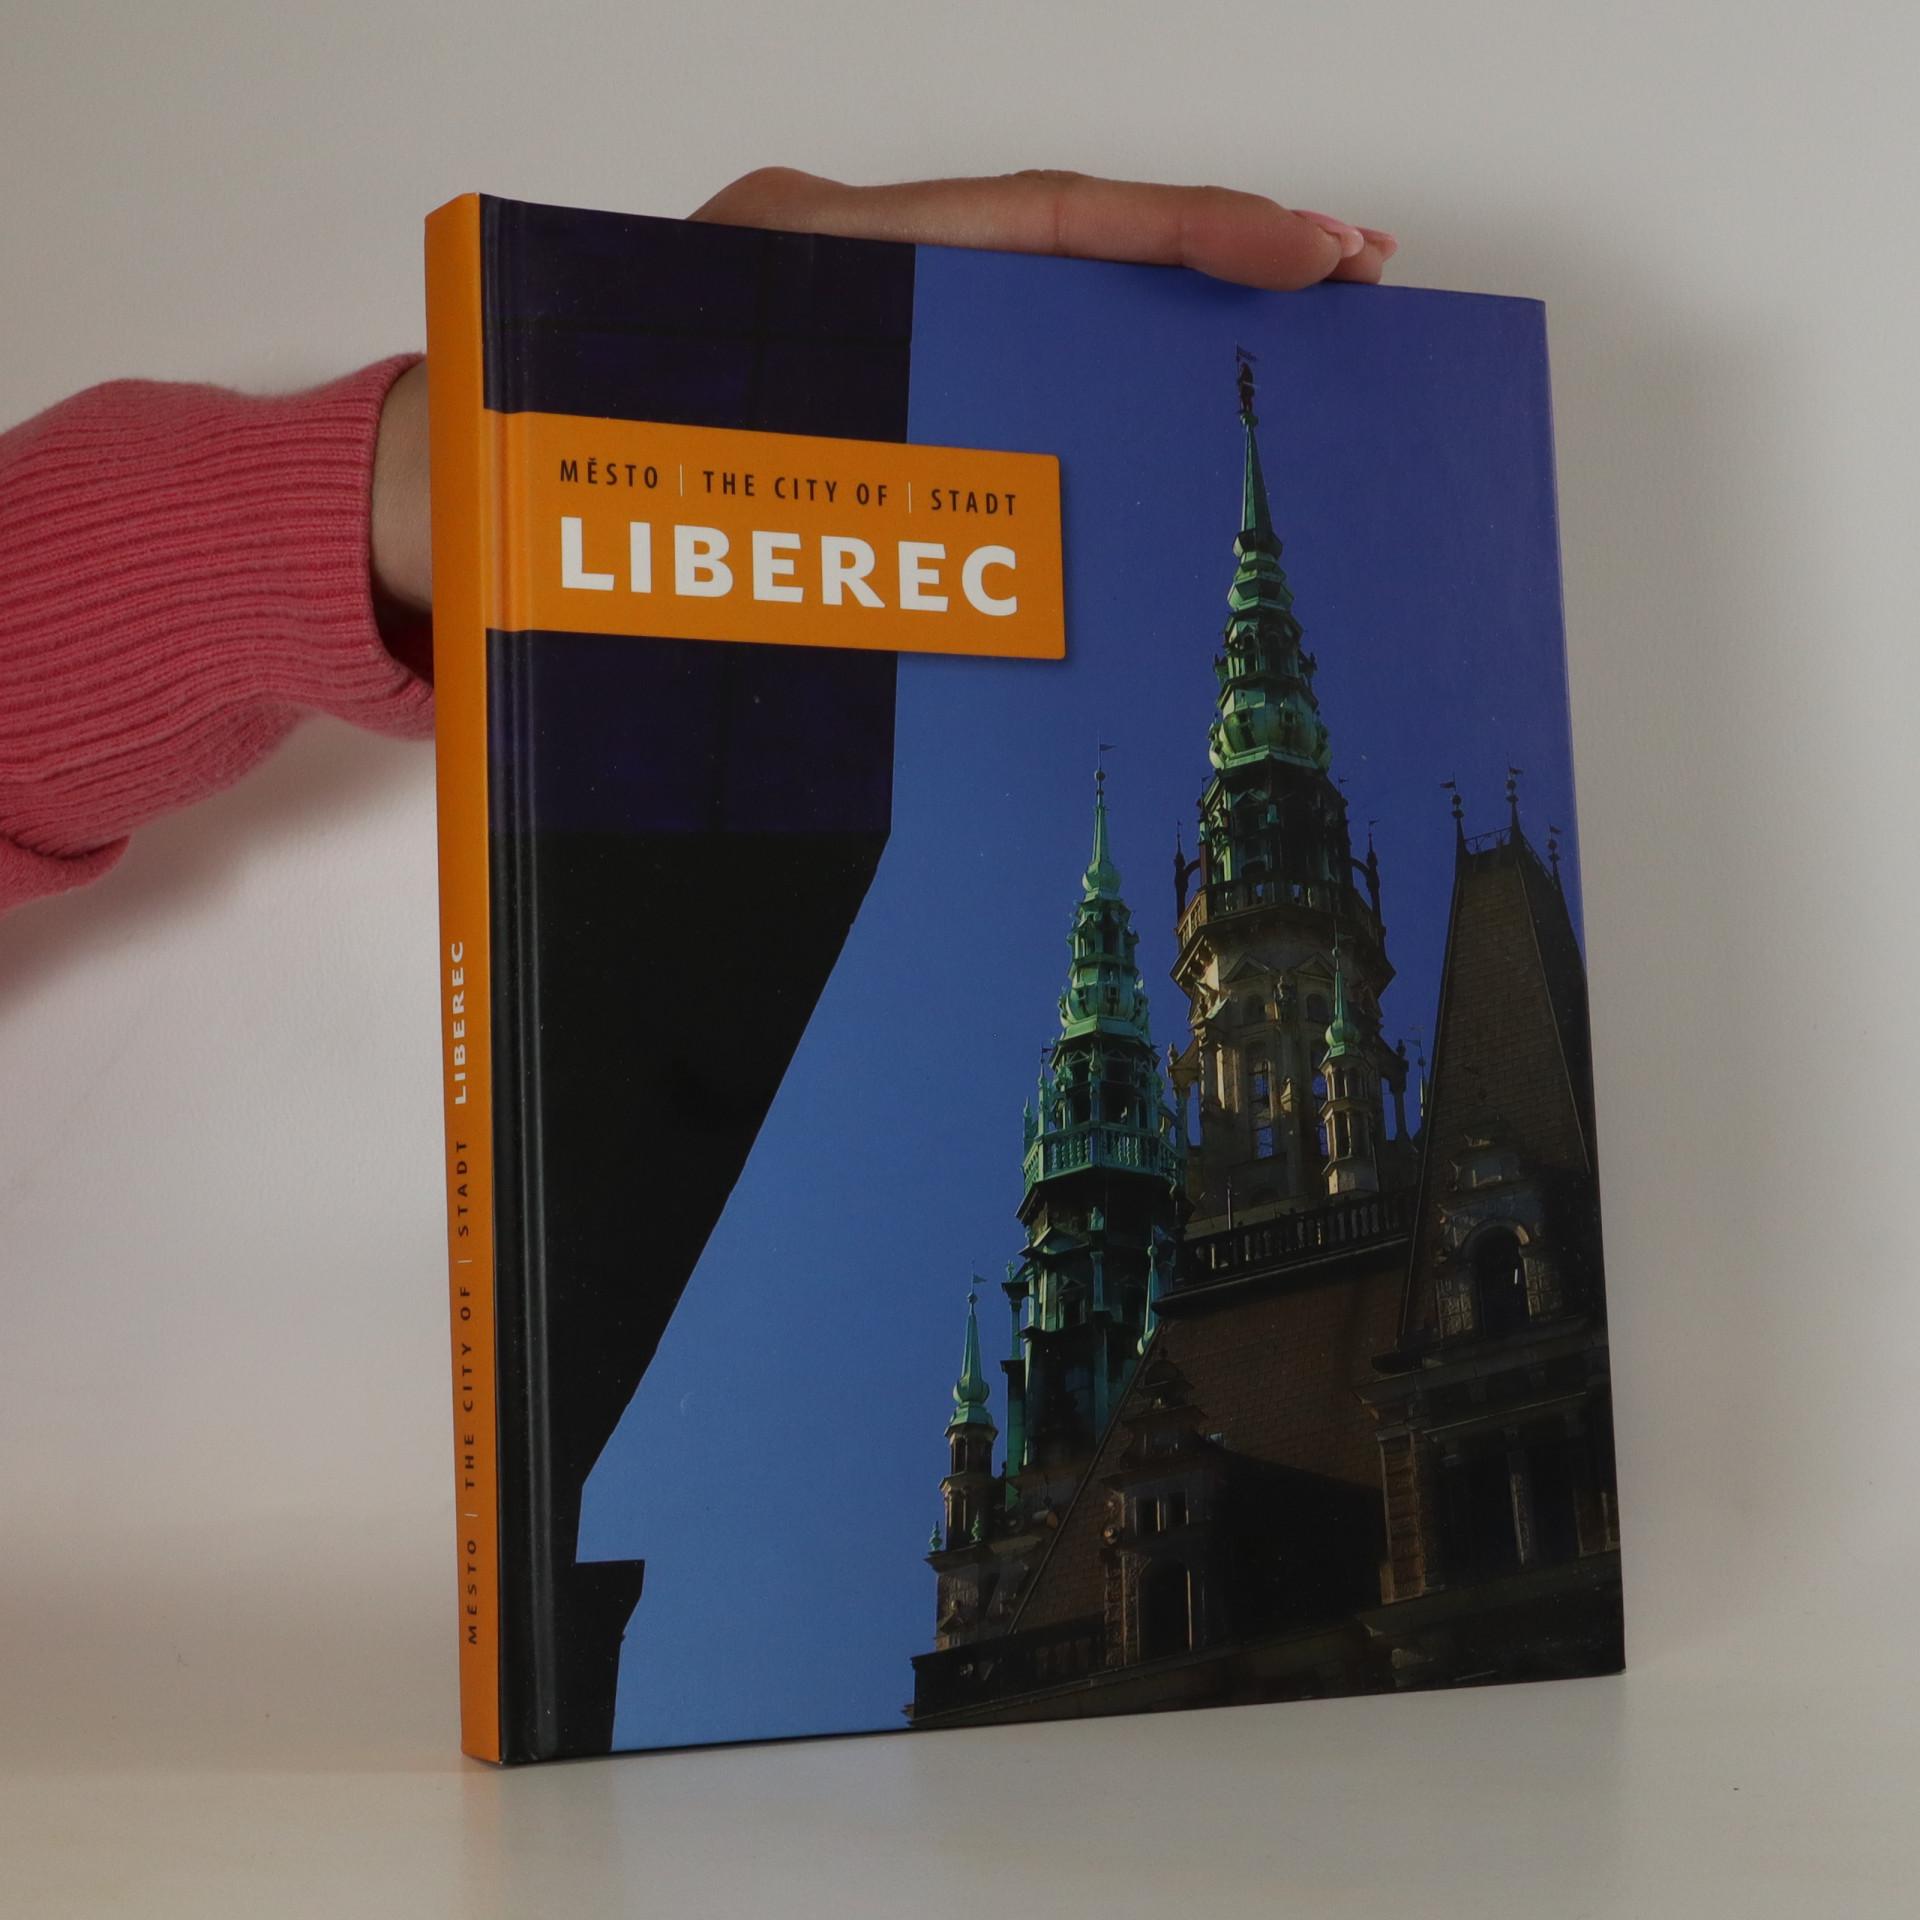 antikvární kniha Město Liberec. The city of Liberec. Stadt Liberec, 2007